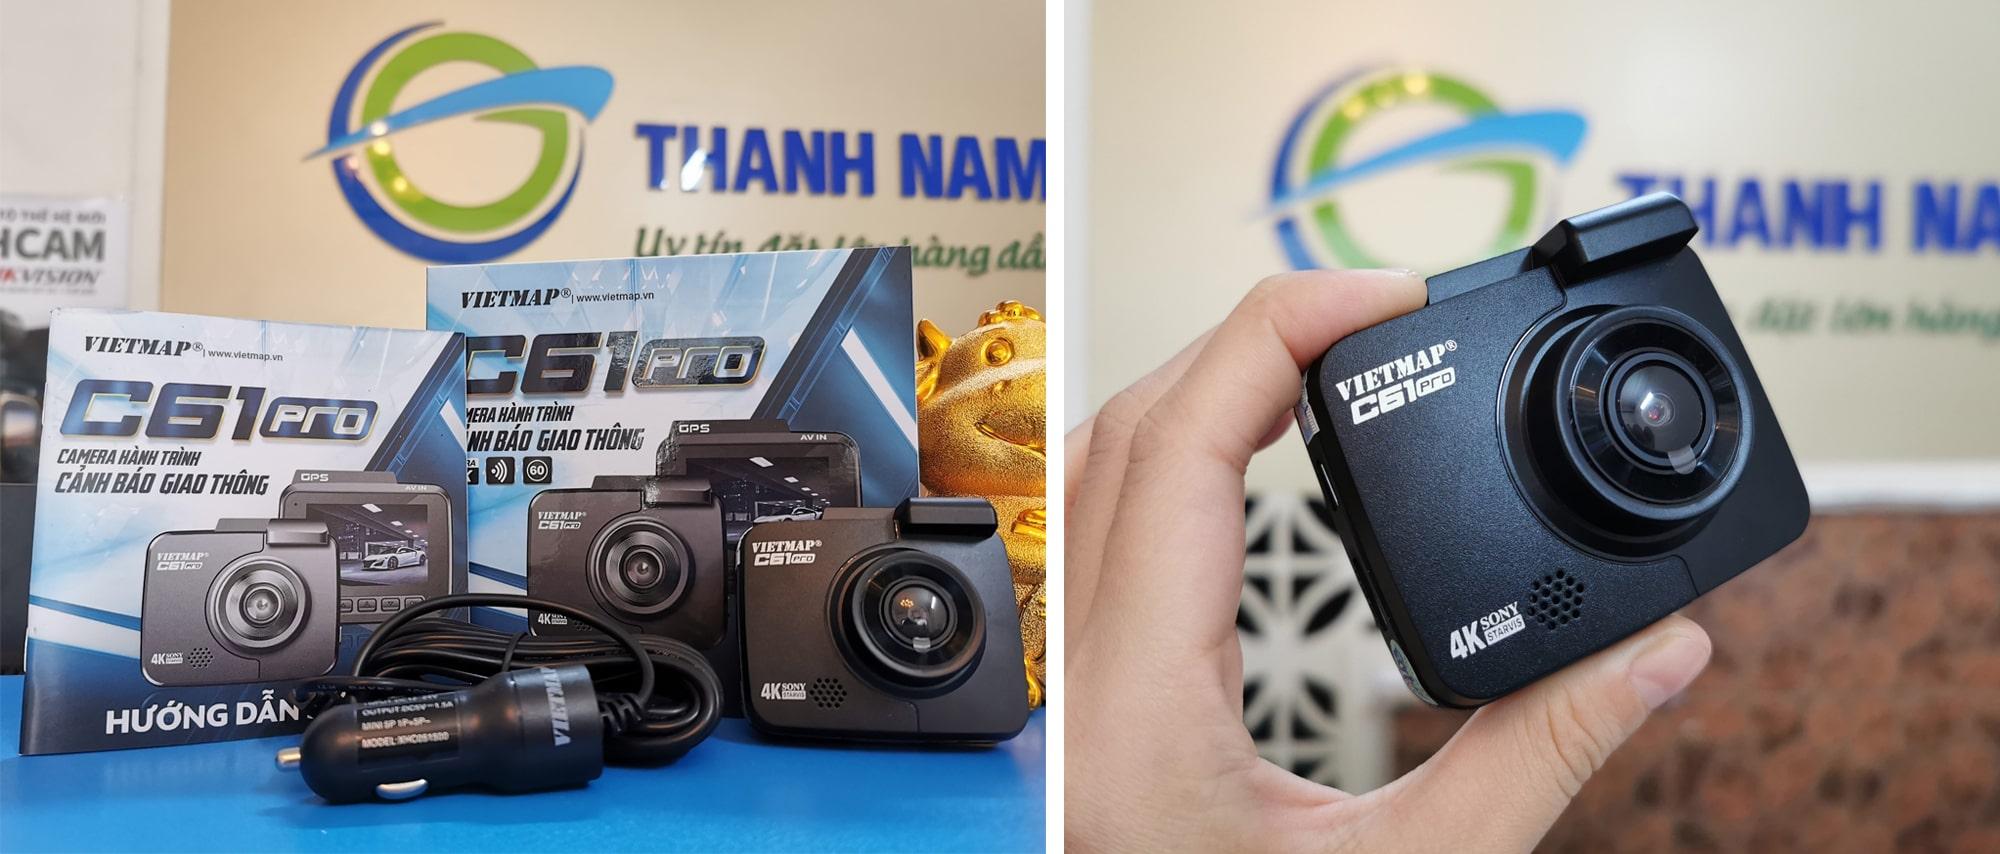 camera hành trình vietmap c61 pro